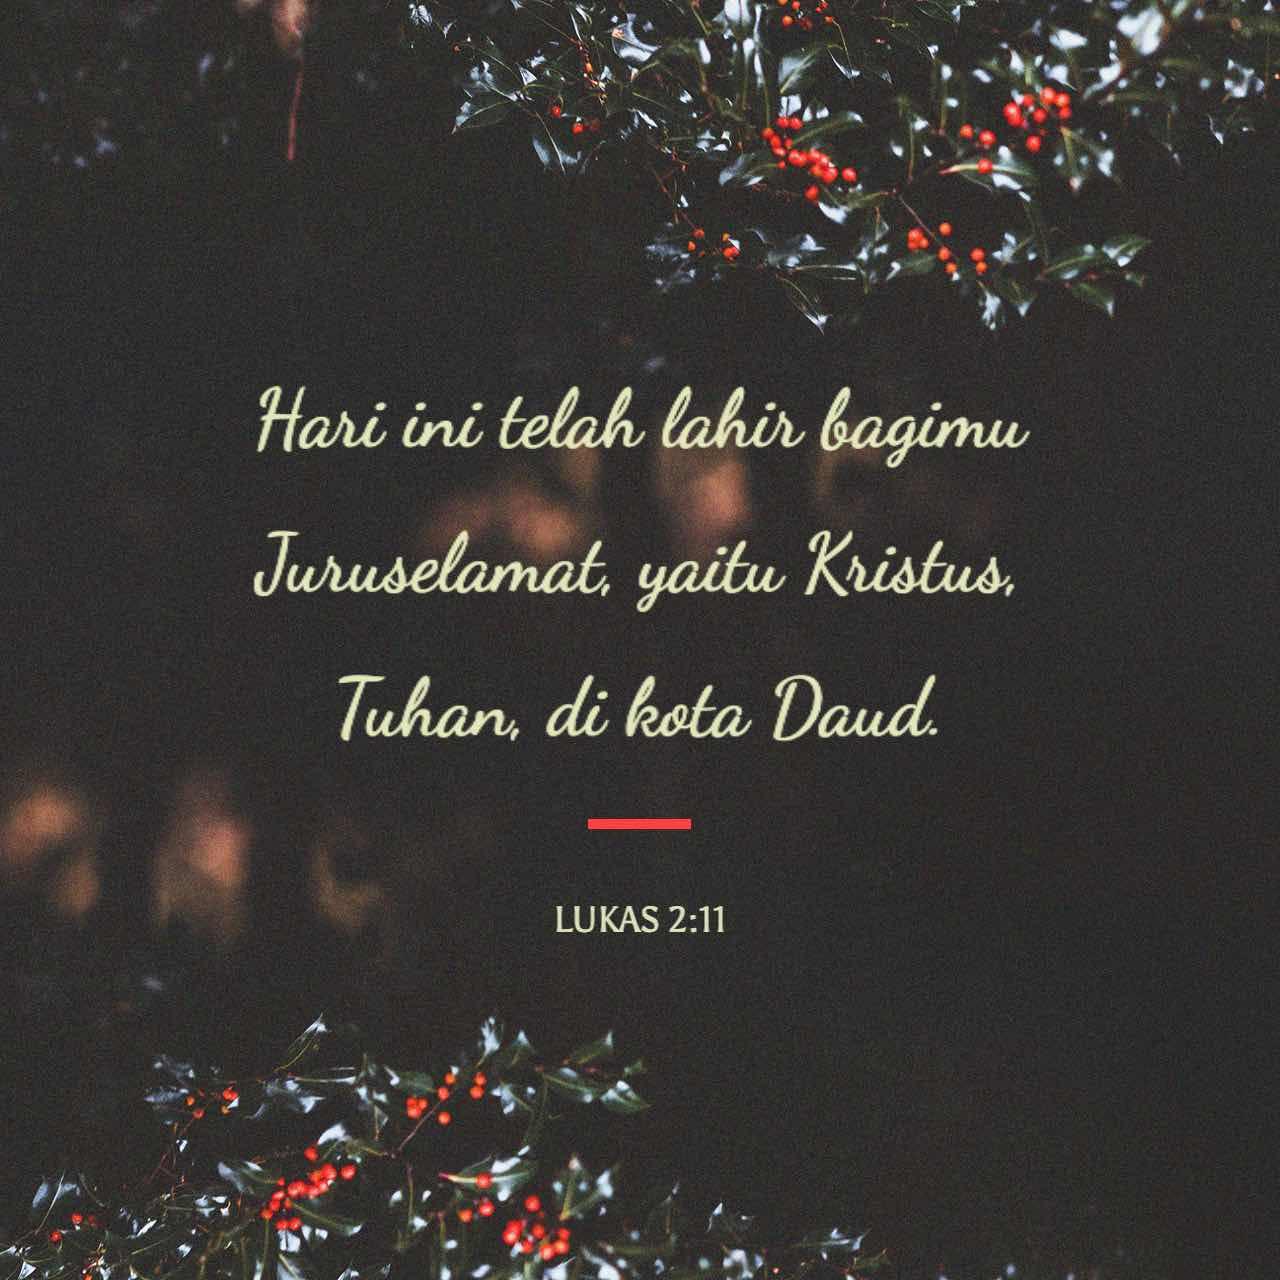 Hari ini telah lahir bagimu Juruselamat, yaitu Kristus, Tuhan, di kota Daud.- Lukas 2:11- Gambar Ayat